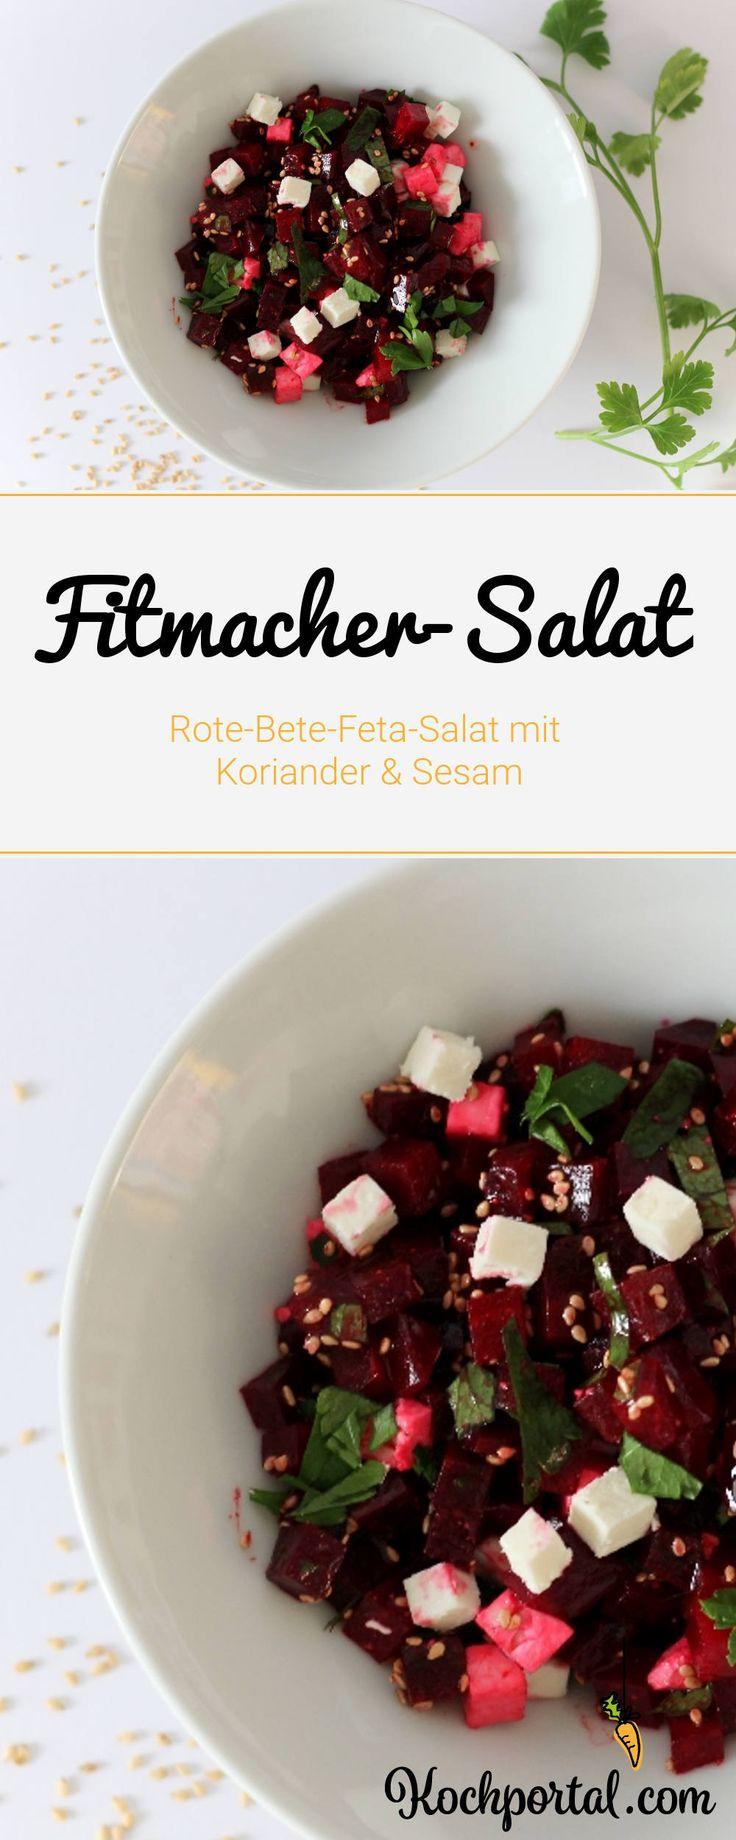 Fitmacher-Salat - Rote-Bete-Feta-Salat mit Koriander und Sesam - leichtes Salatrezept für den Winter - Rote Bete im Salat verarbeiten - Low Carb Salat